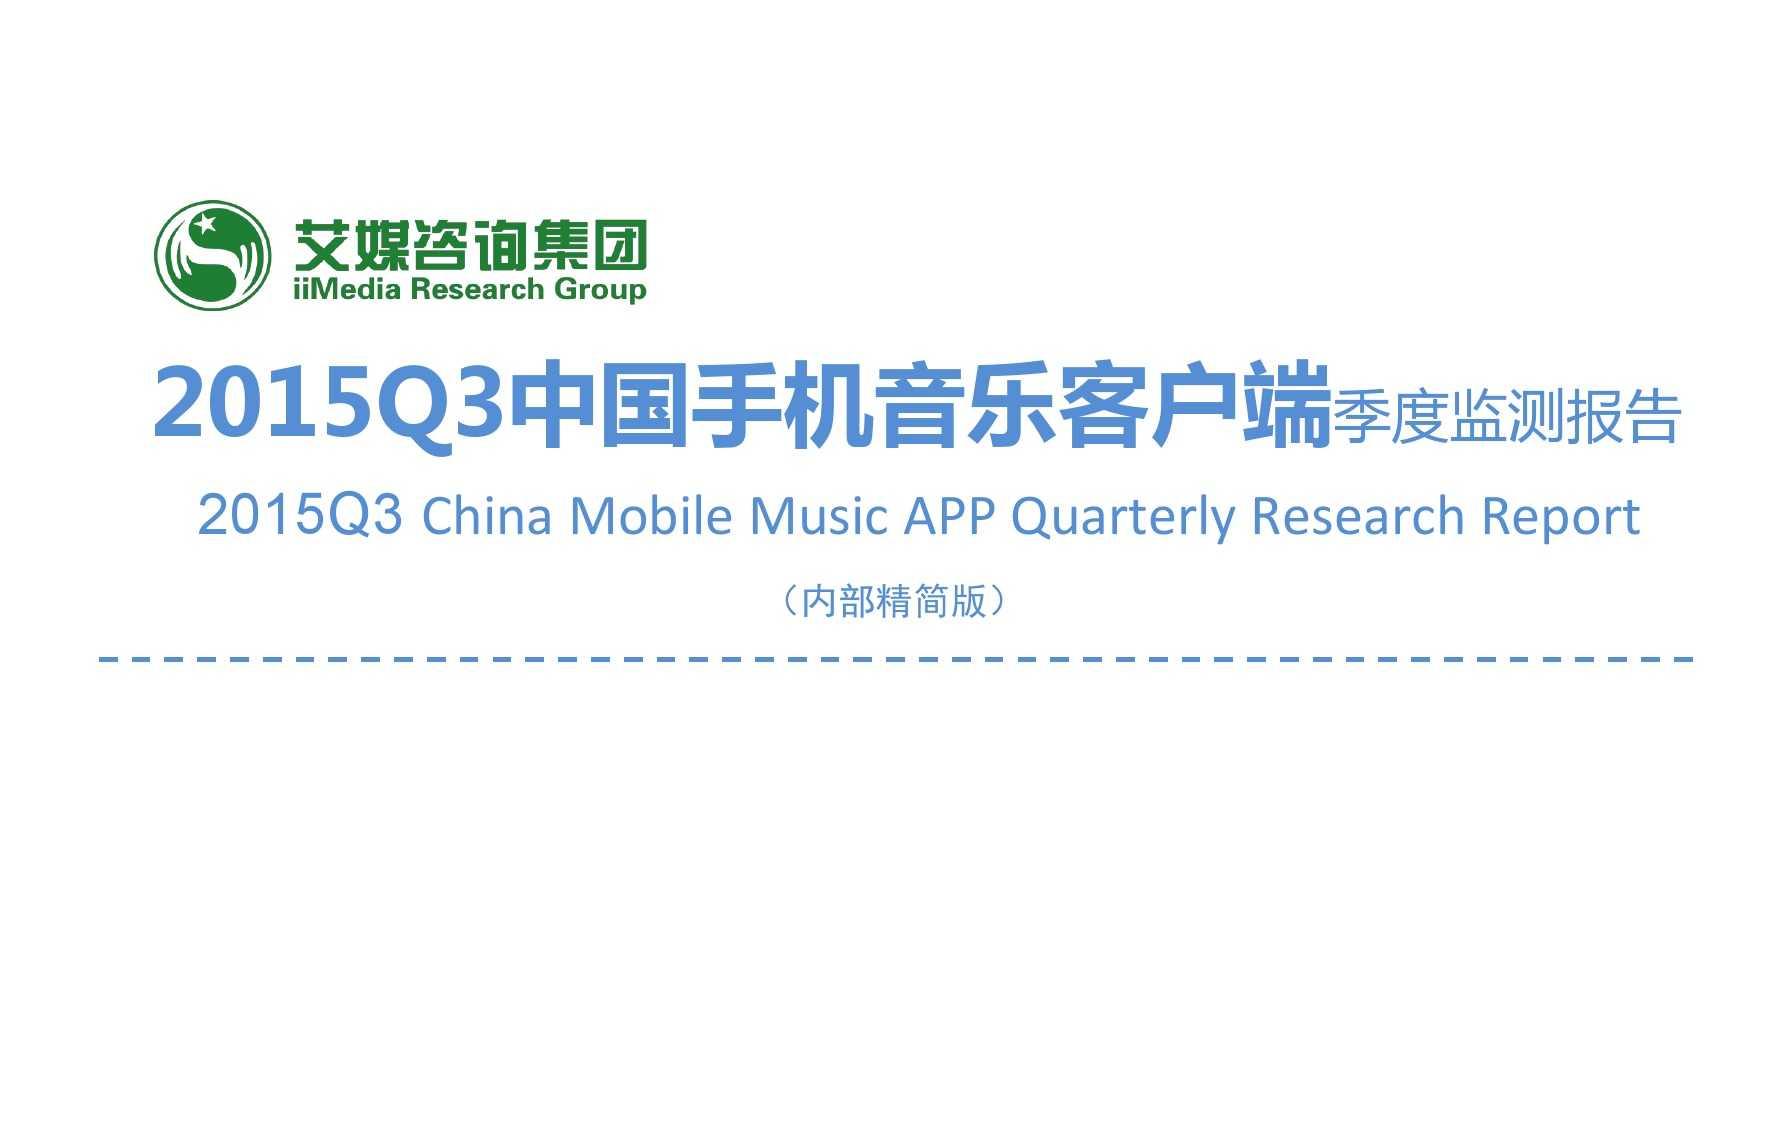 2015Q3中国手机音乐客户端季度监测报告_000001